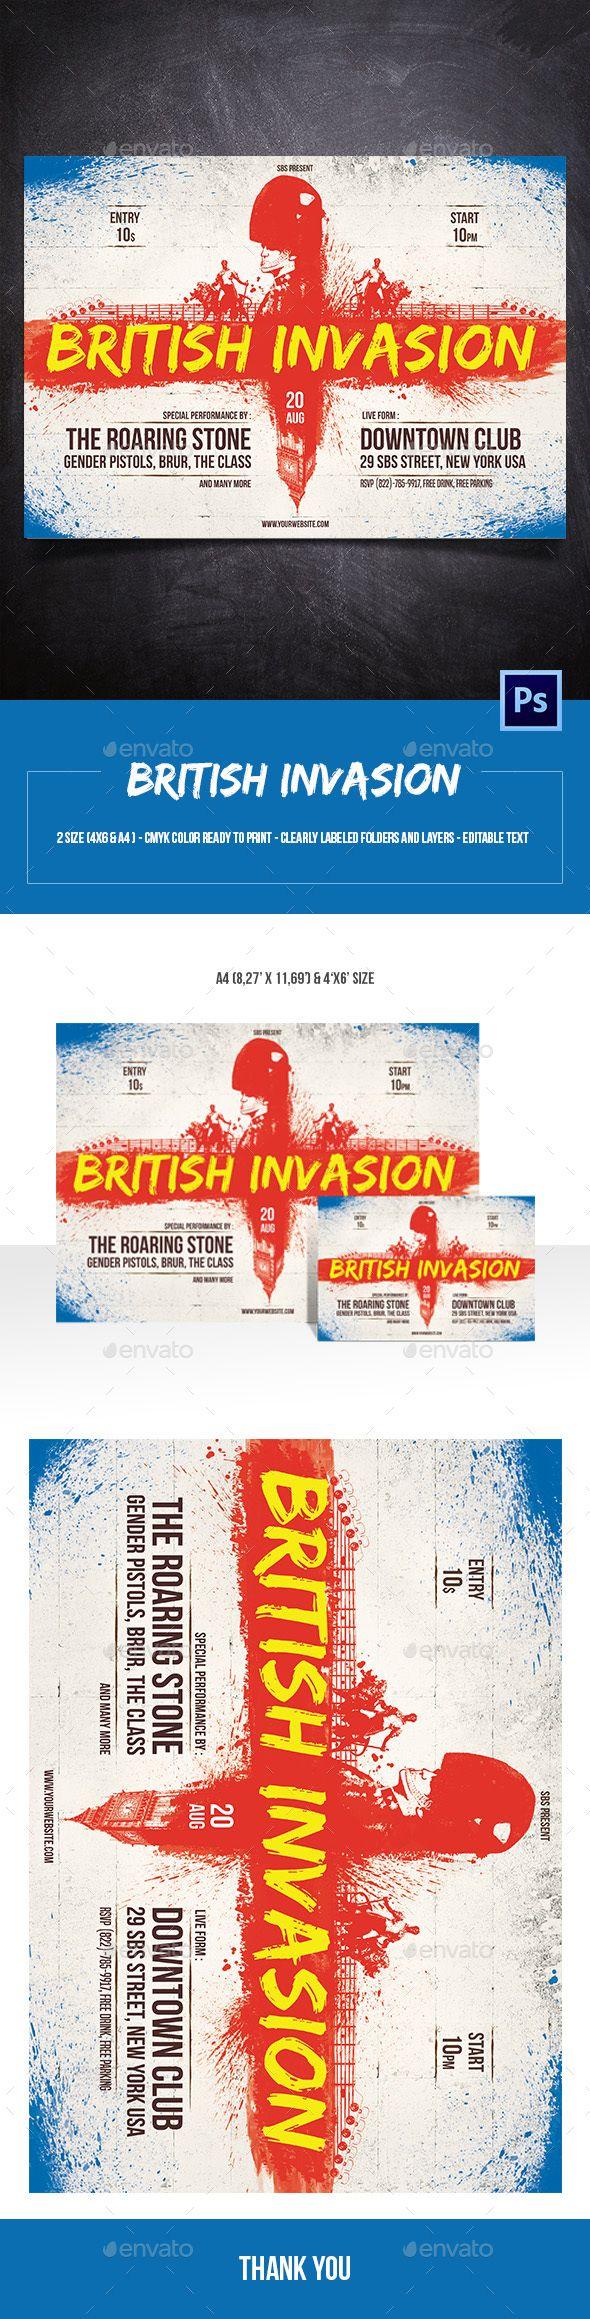 British Invasion Flyer